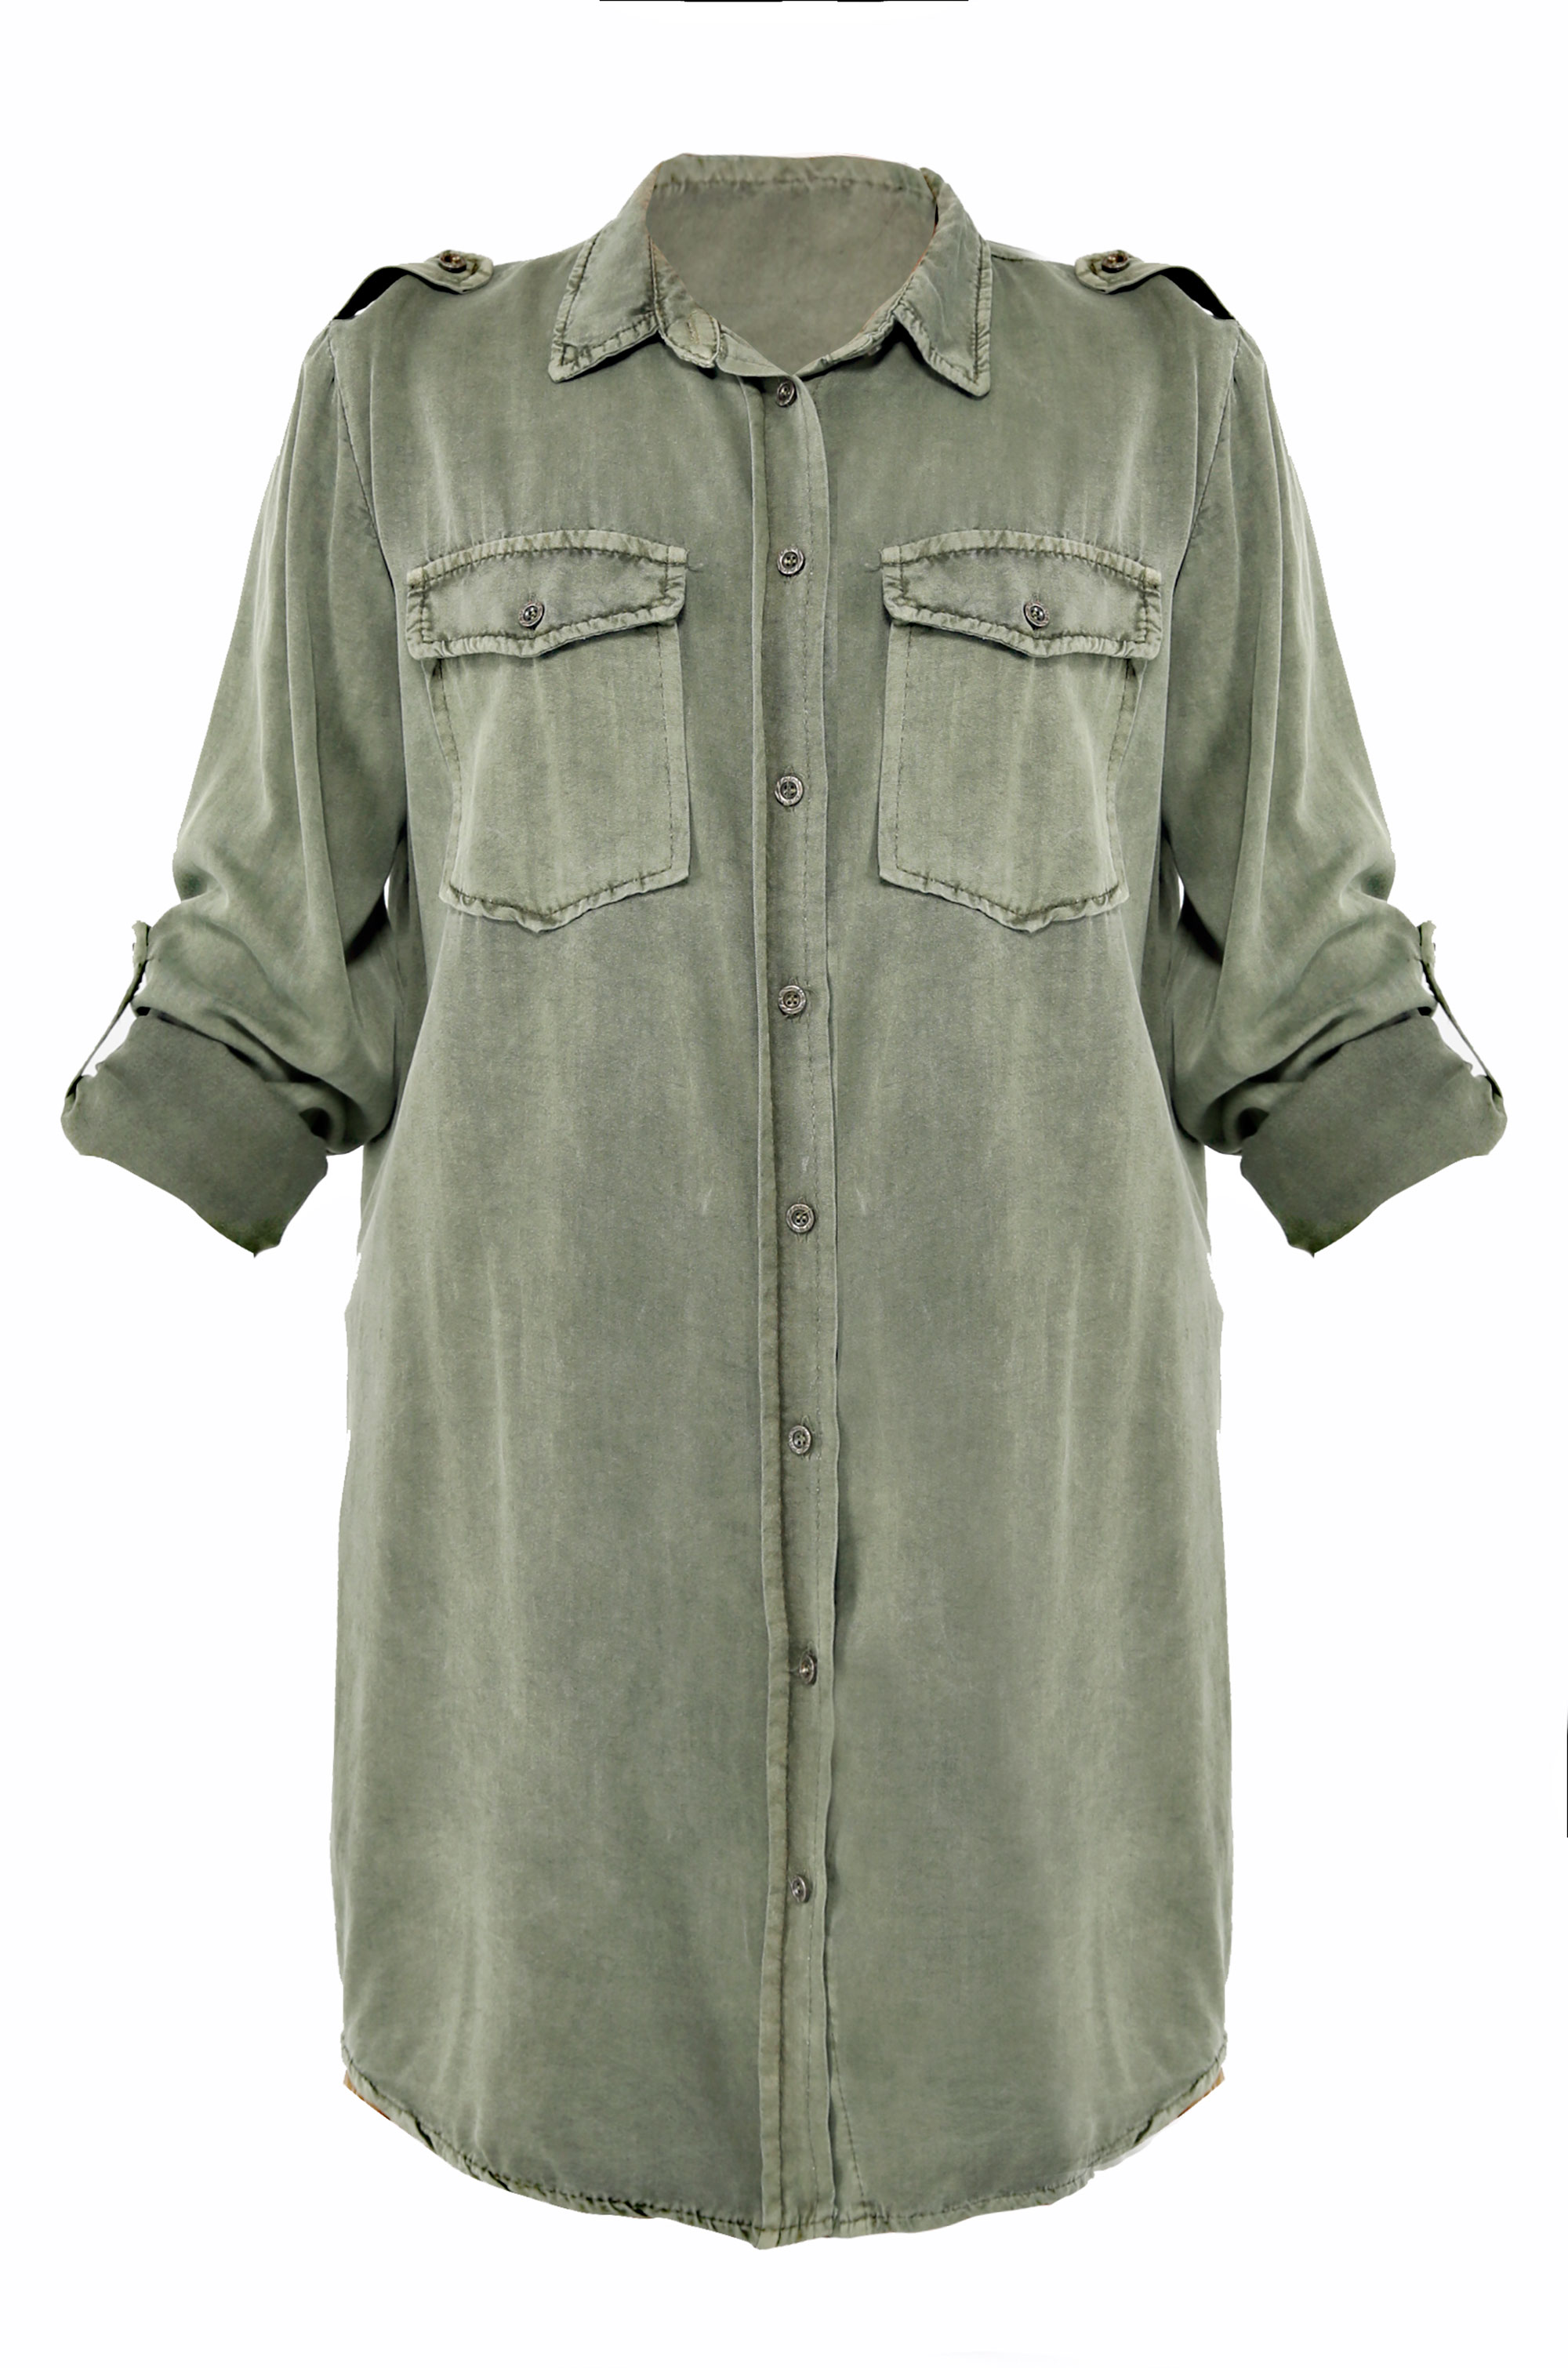 Koszula - 112-20038 MIL - Unisono